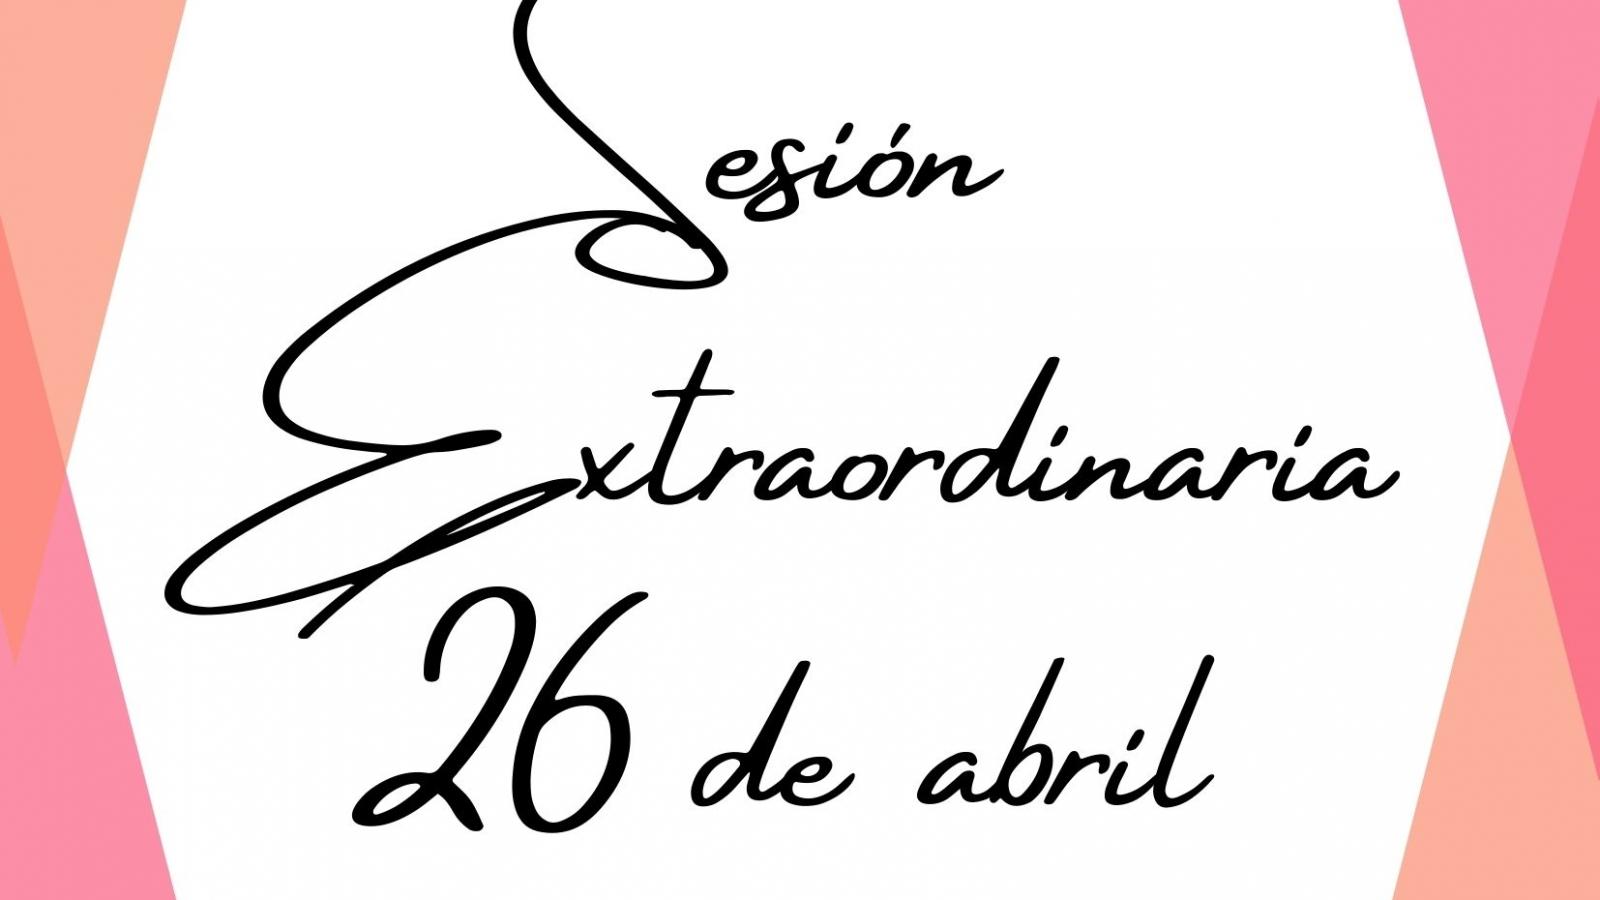 Sesión Extraordinaria 26042021